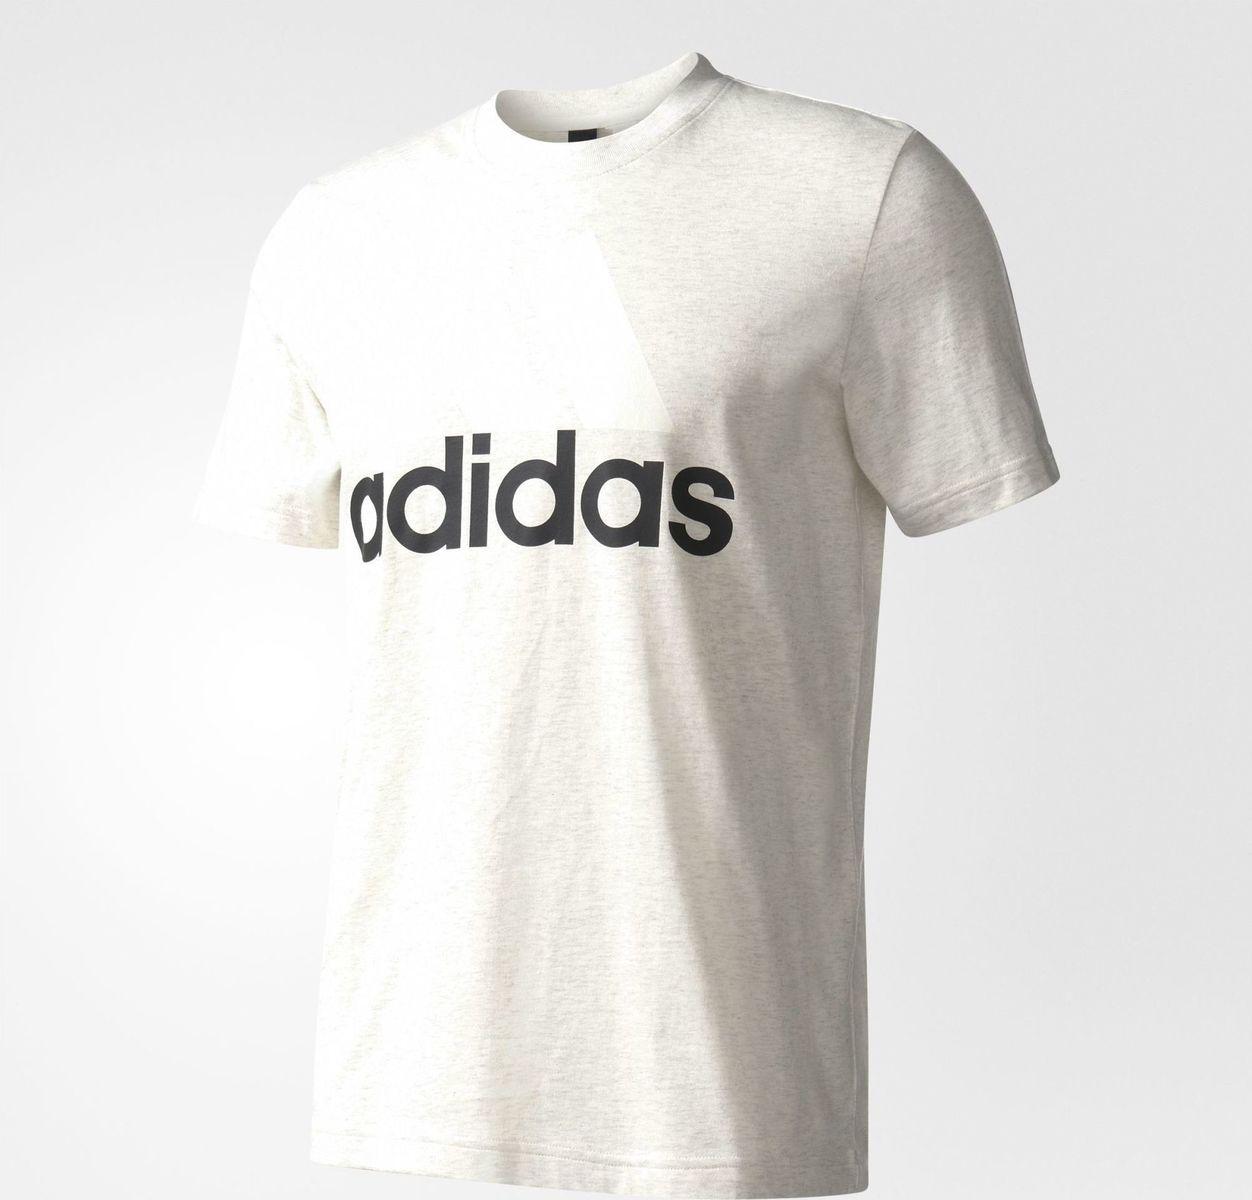 Футболка мужская Adidas Ess Linear Tee, цвет: белый. B47357. Размер L (52/54) толстовки adidas толстовка худи муж ess aop fz b trablu